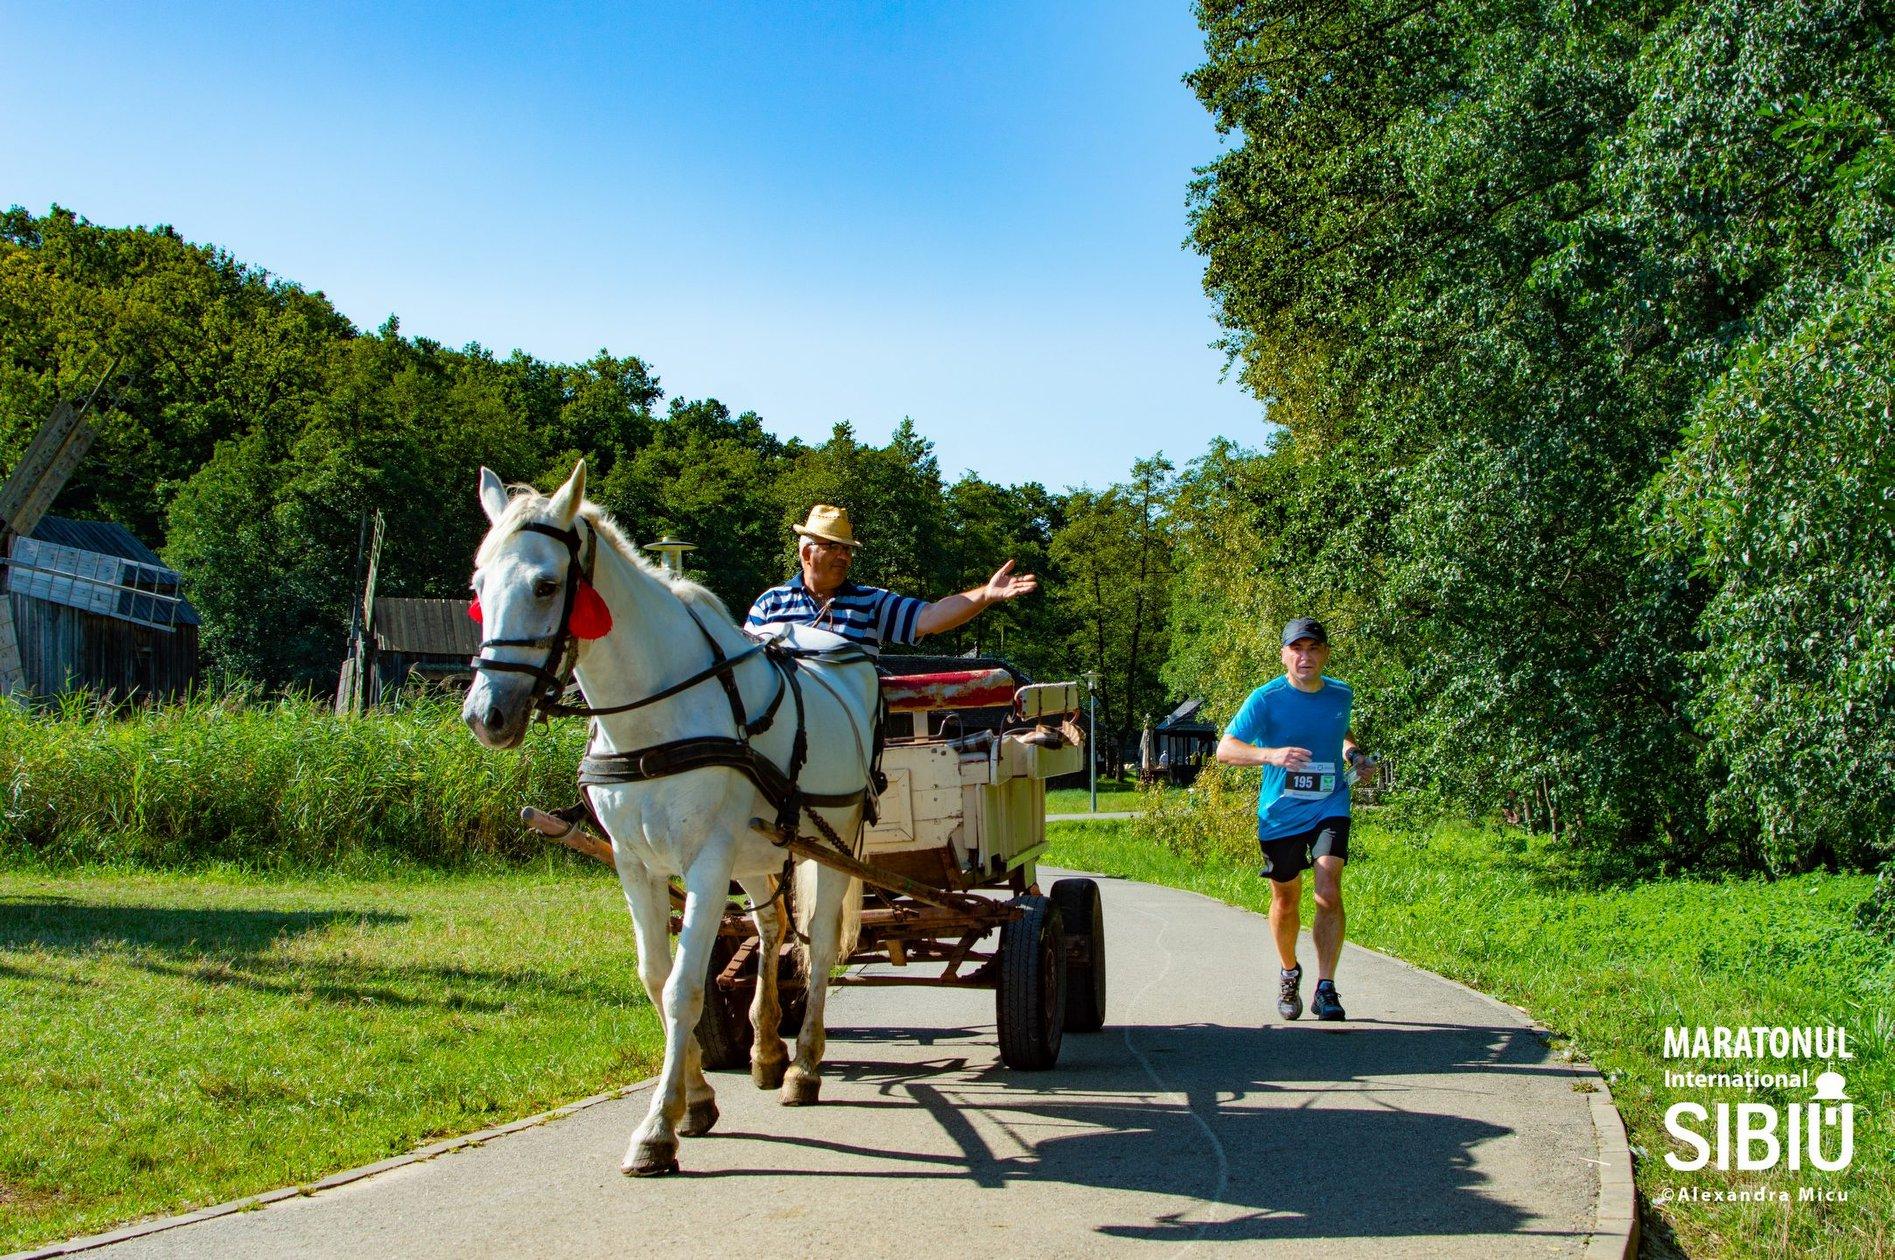 Bilanțul Maratonului Internațional Sibiu 2020: 30 de cauze, 300 de voluntari, 650 de alergători